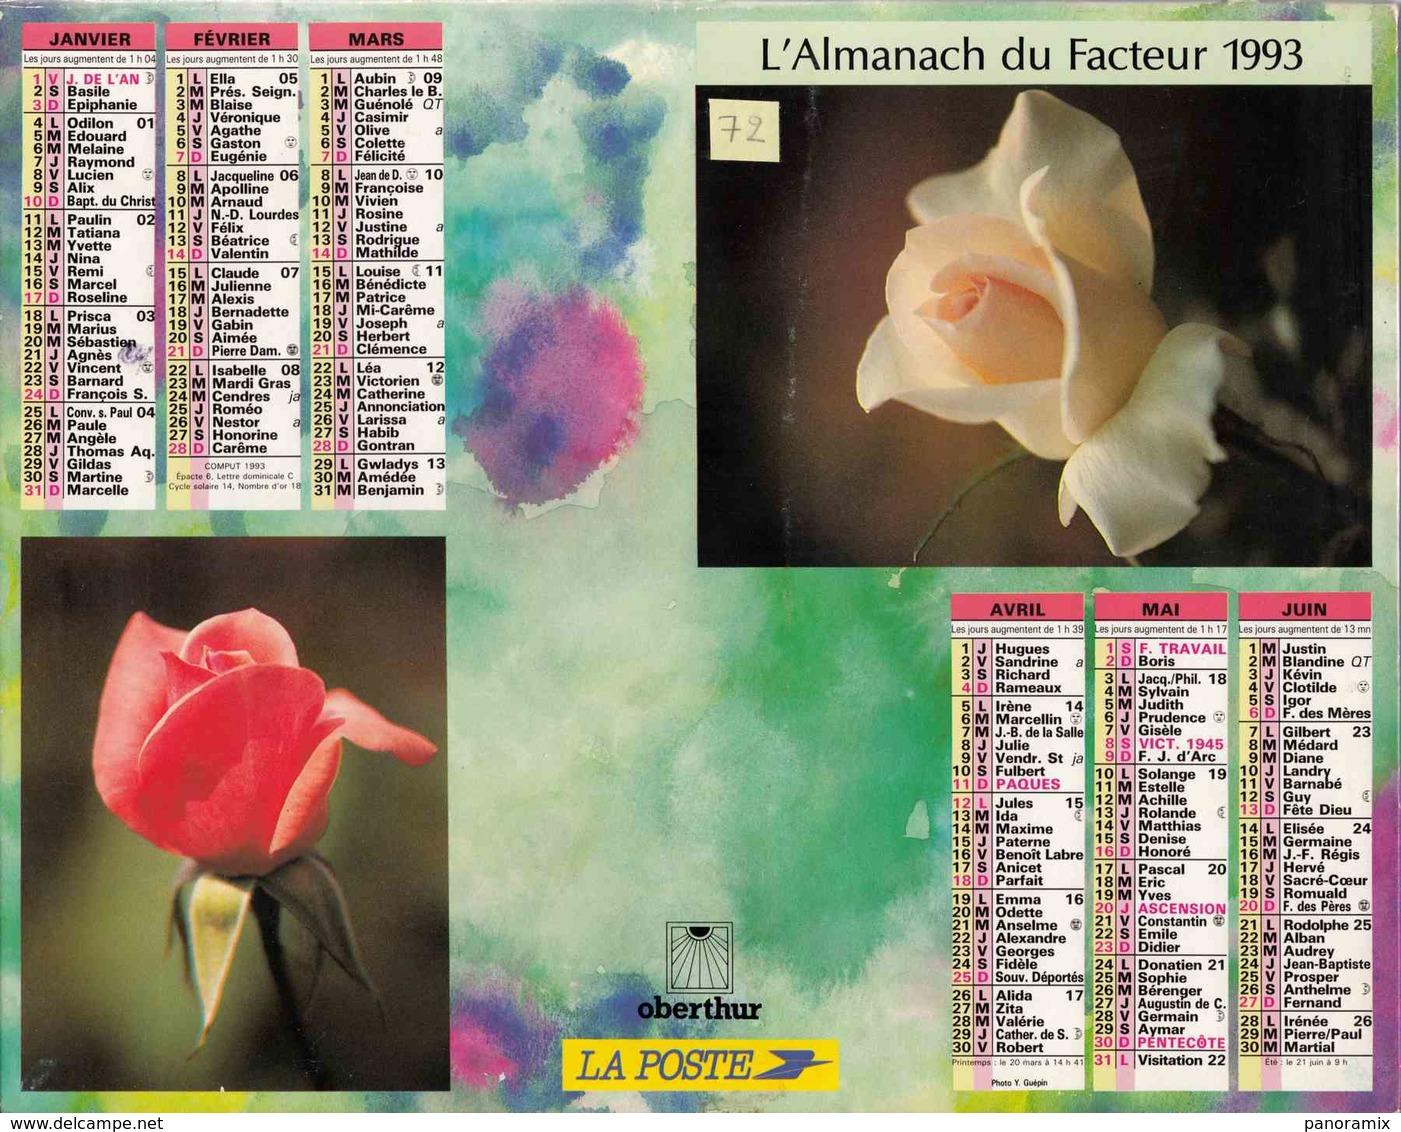 °° Calendrier Almanach La Poste 1993 Oberthur - Dépt 72 - Fleurs - Calendriers